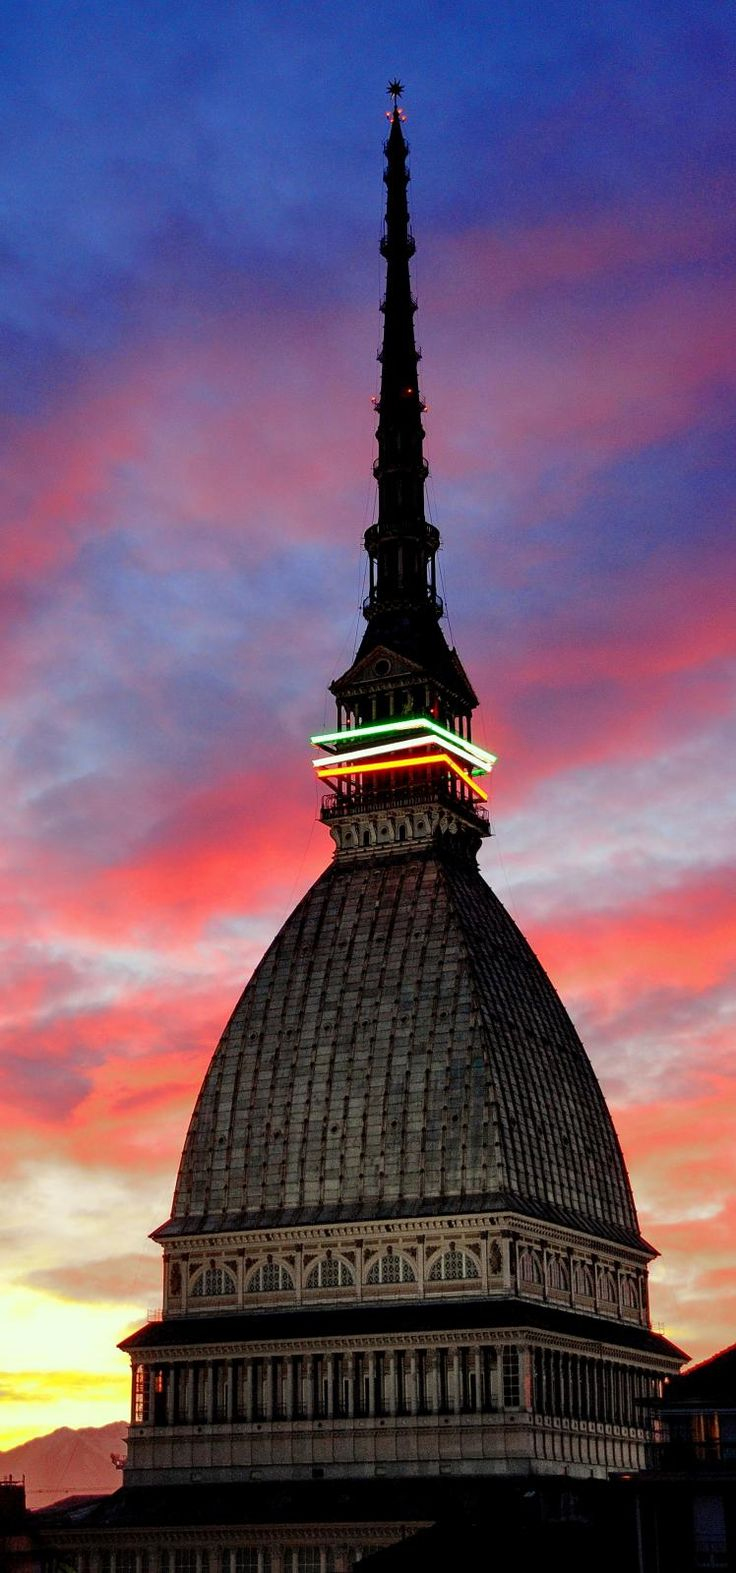 Cupola di Mole Antonelliana, Torino, Italy, province of Turin , Piemonte region, Italy.